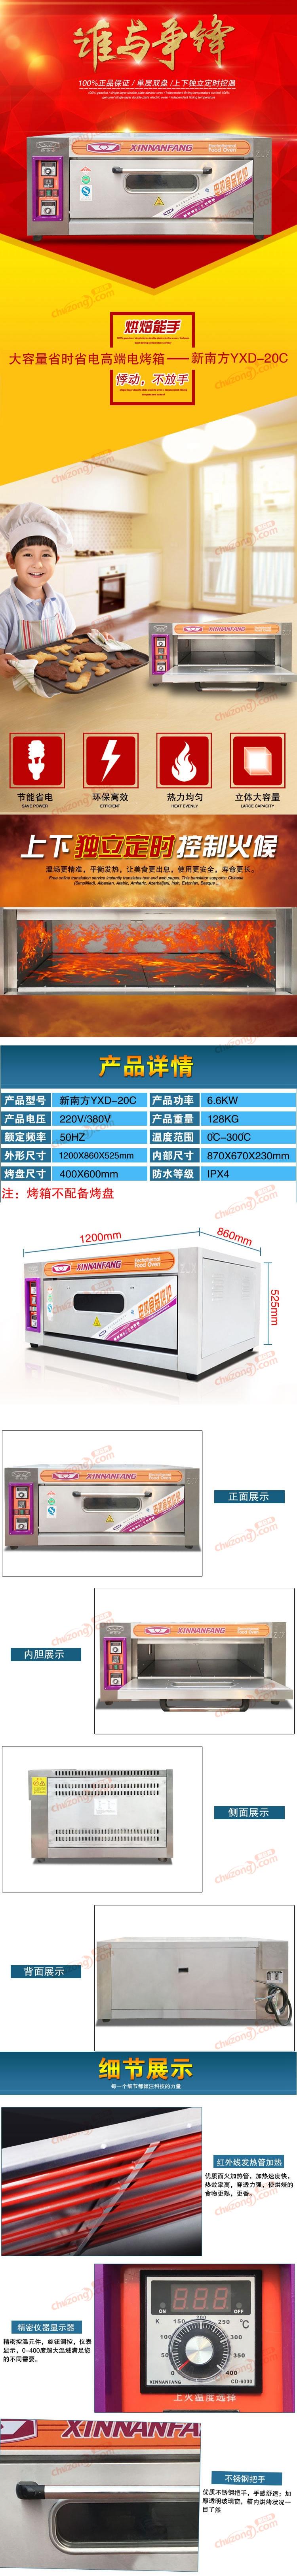 新南方單層雙盤定時控溫電烤箱YXD-20C詳情圖